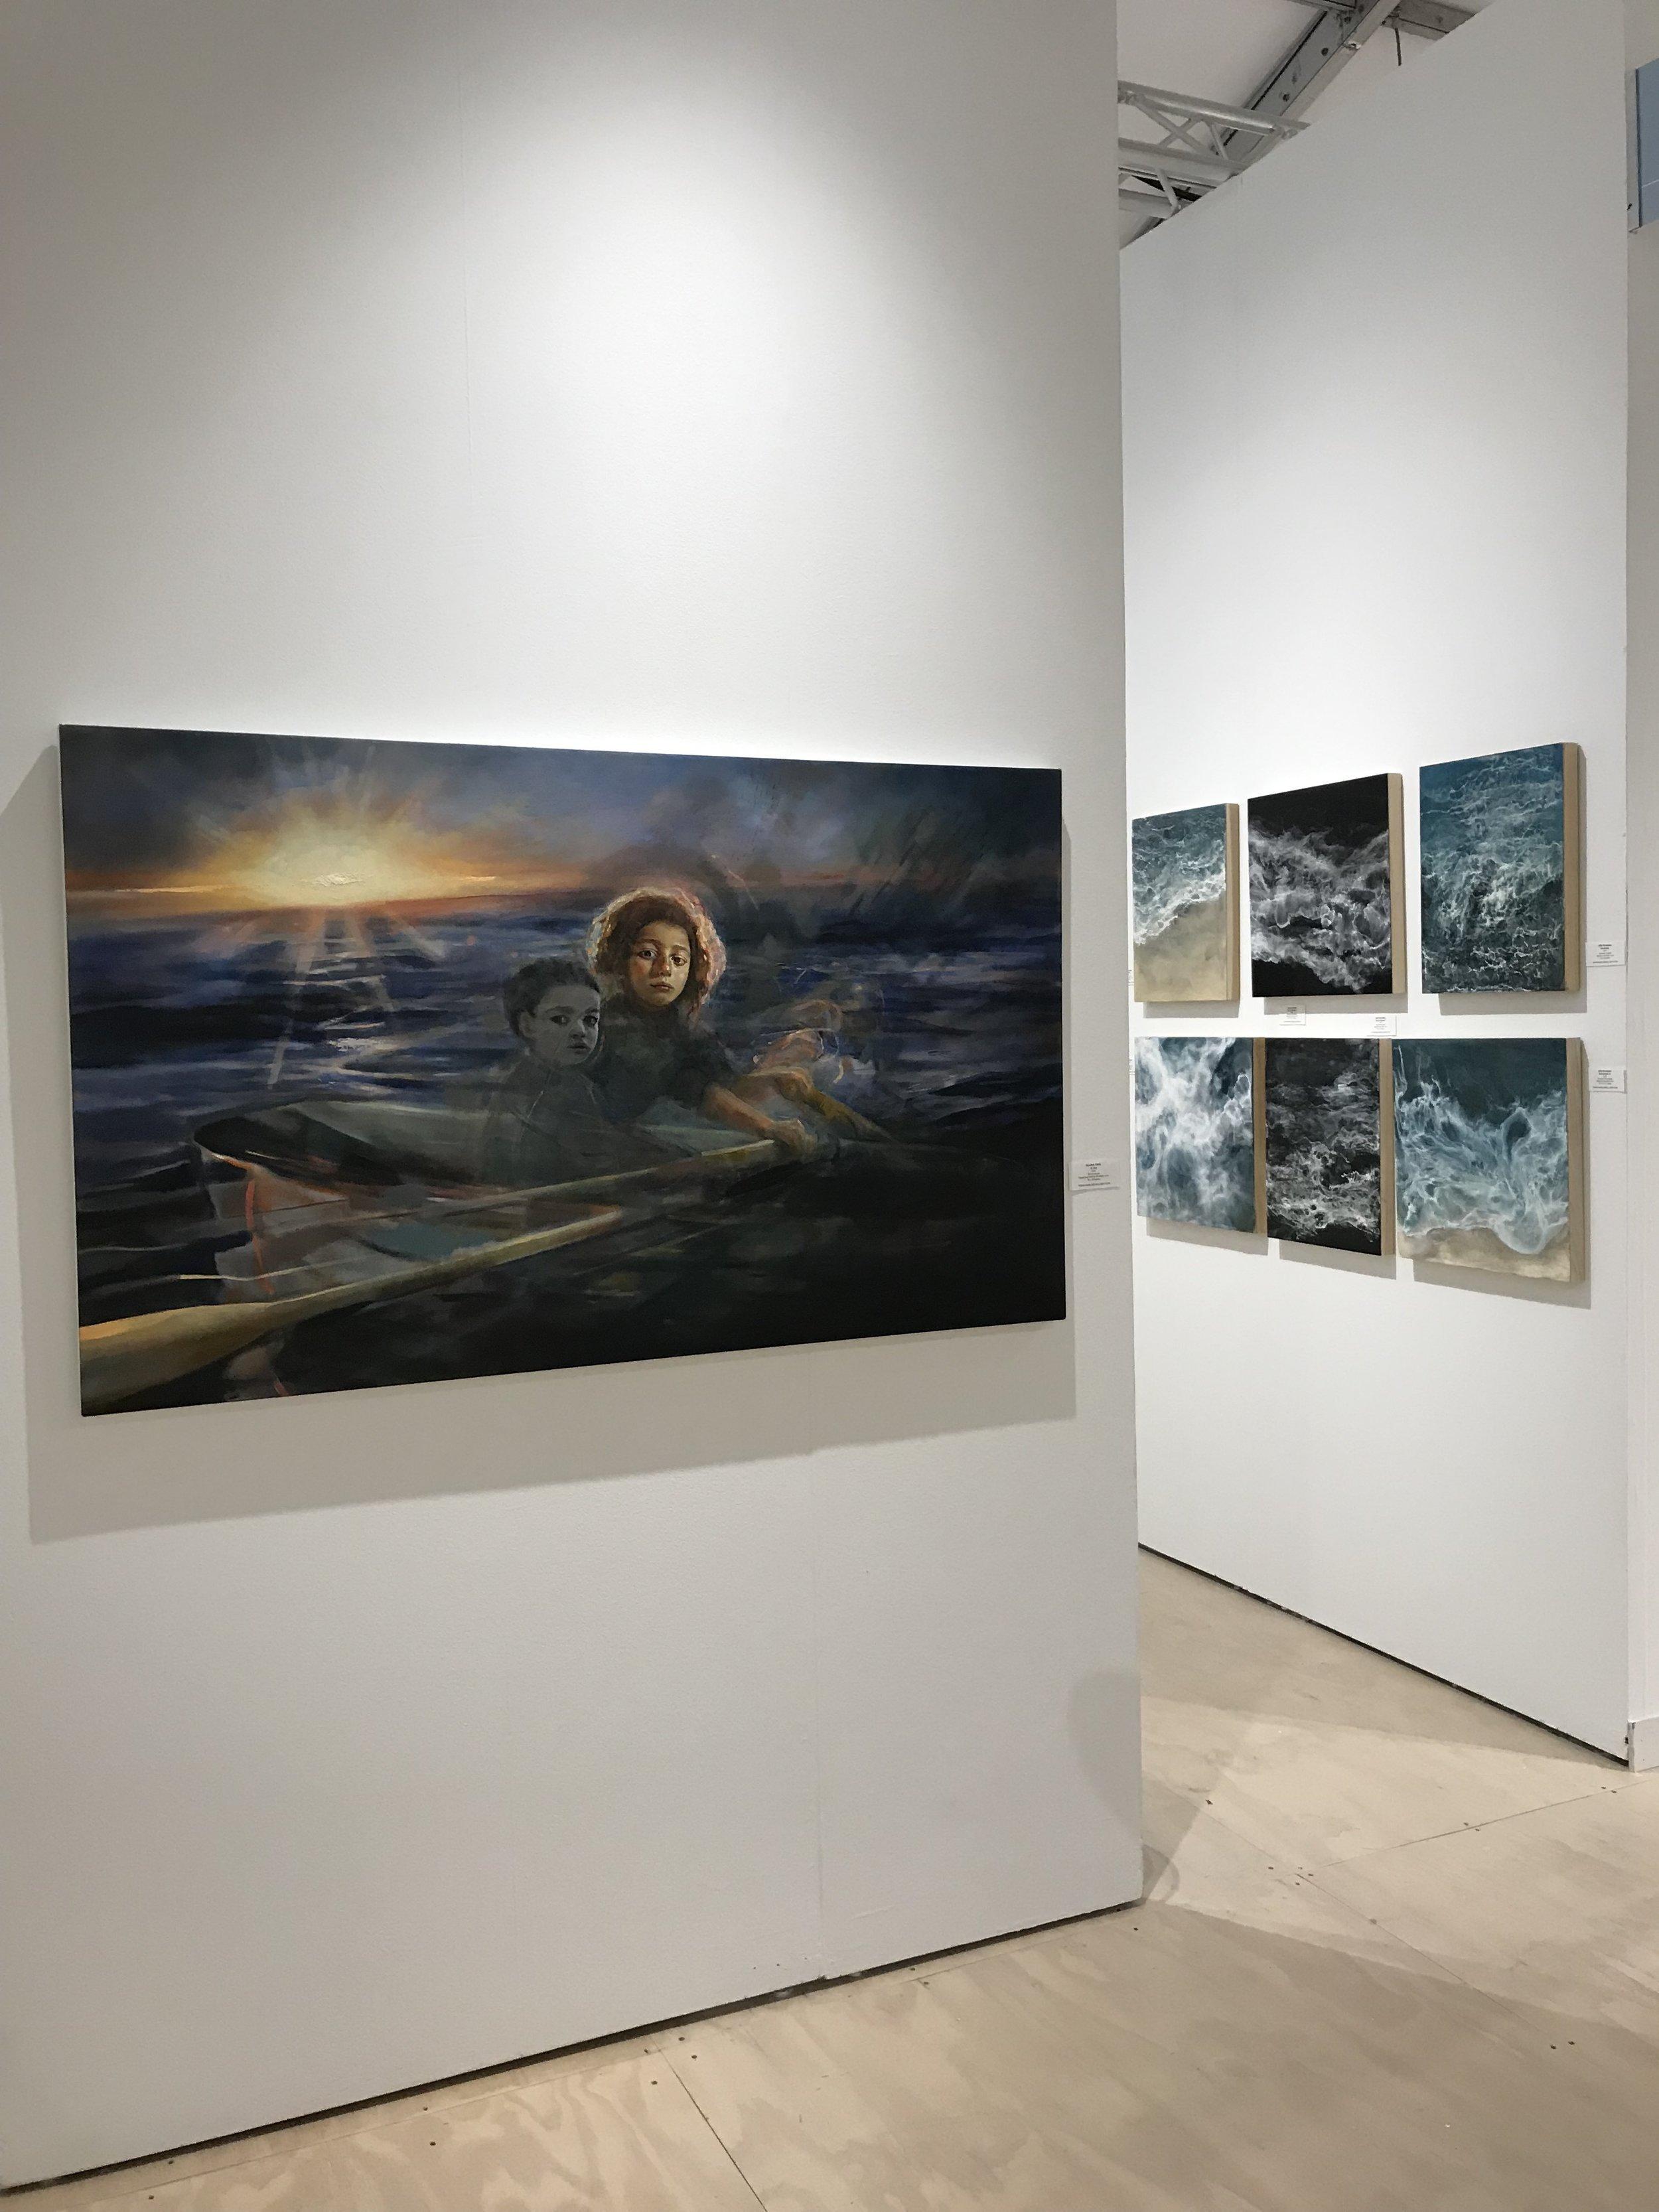 Market Art + Design, Bridgehampton, New York - Bridgehampton Museum, Booth 317July 5 - 7, 2019